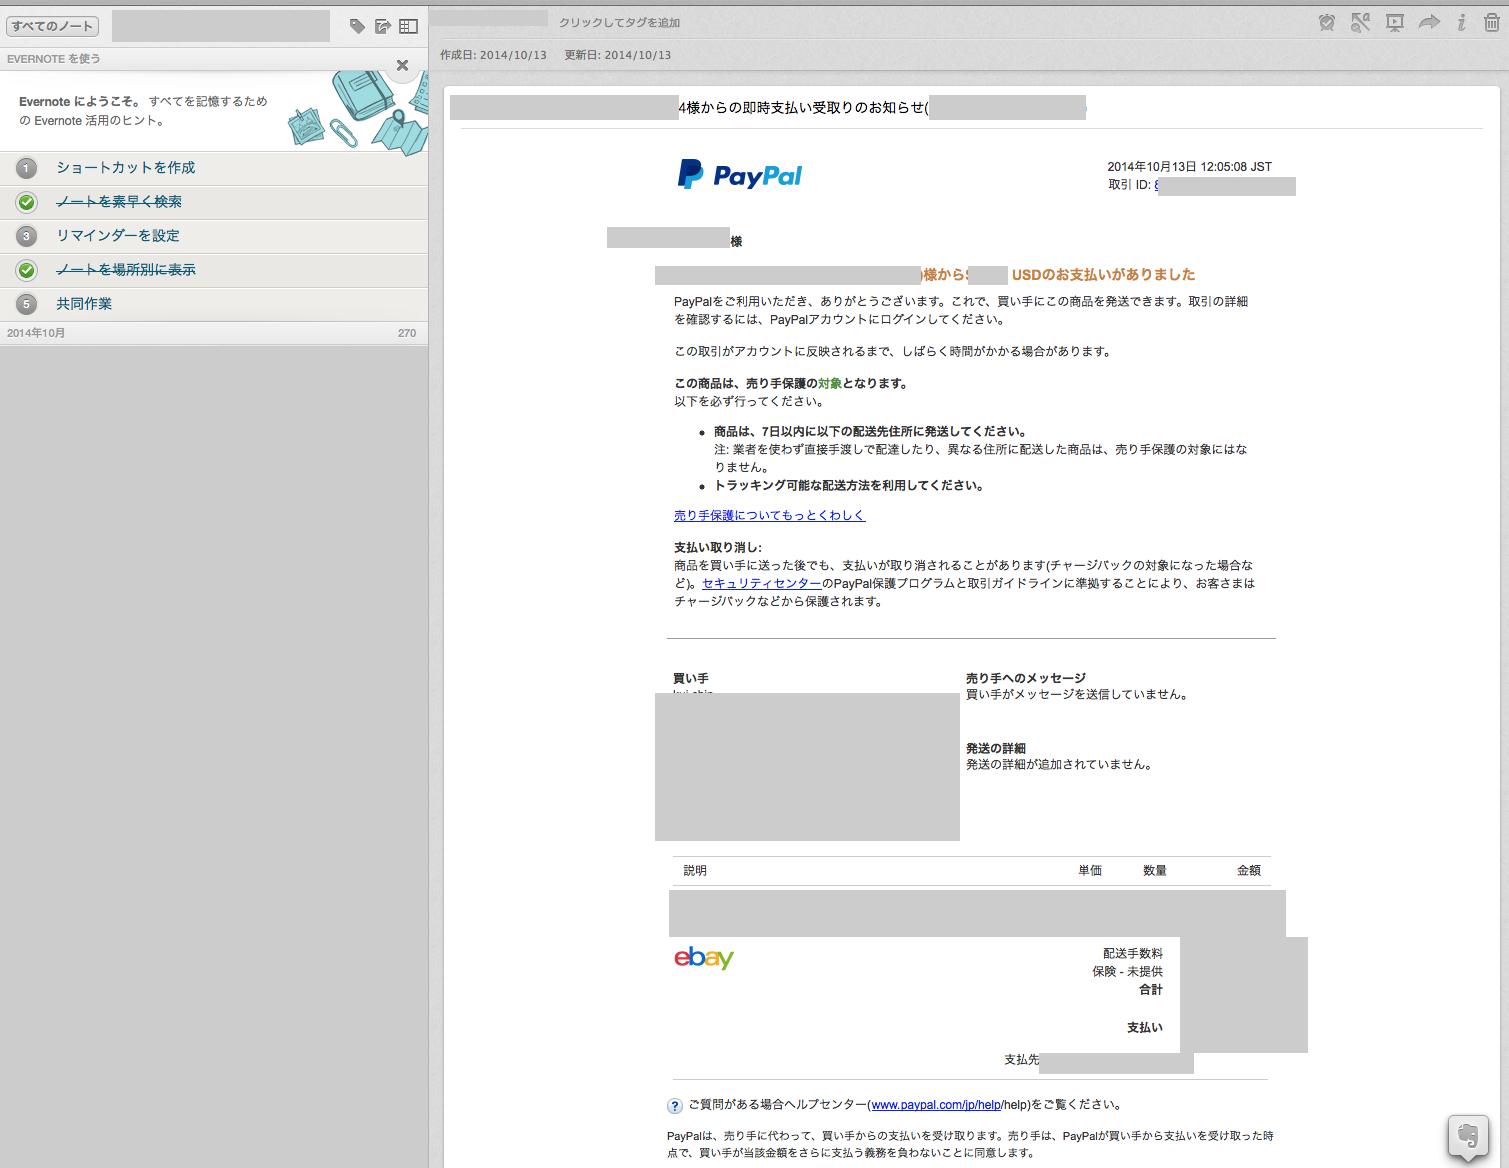 スクリーンショット 2014-10-13 16.57.06